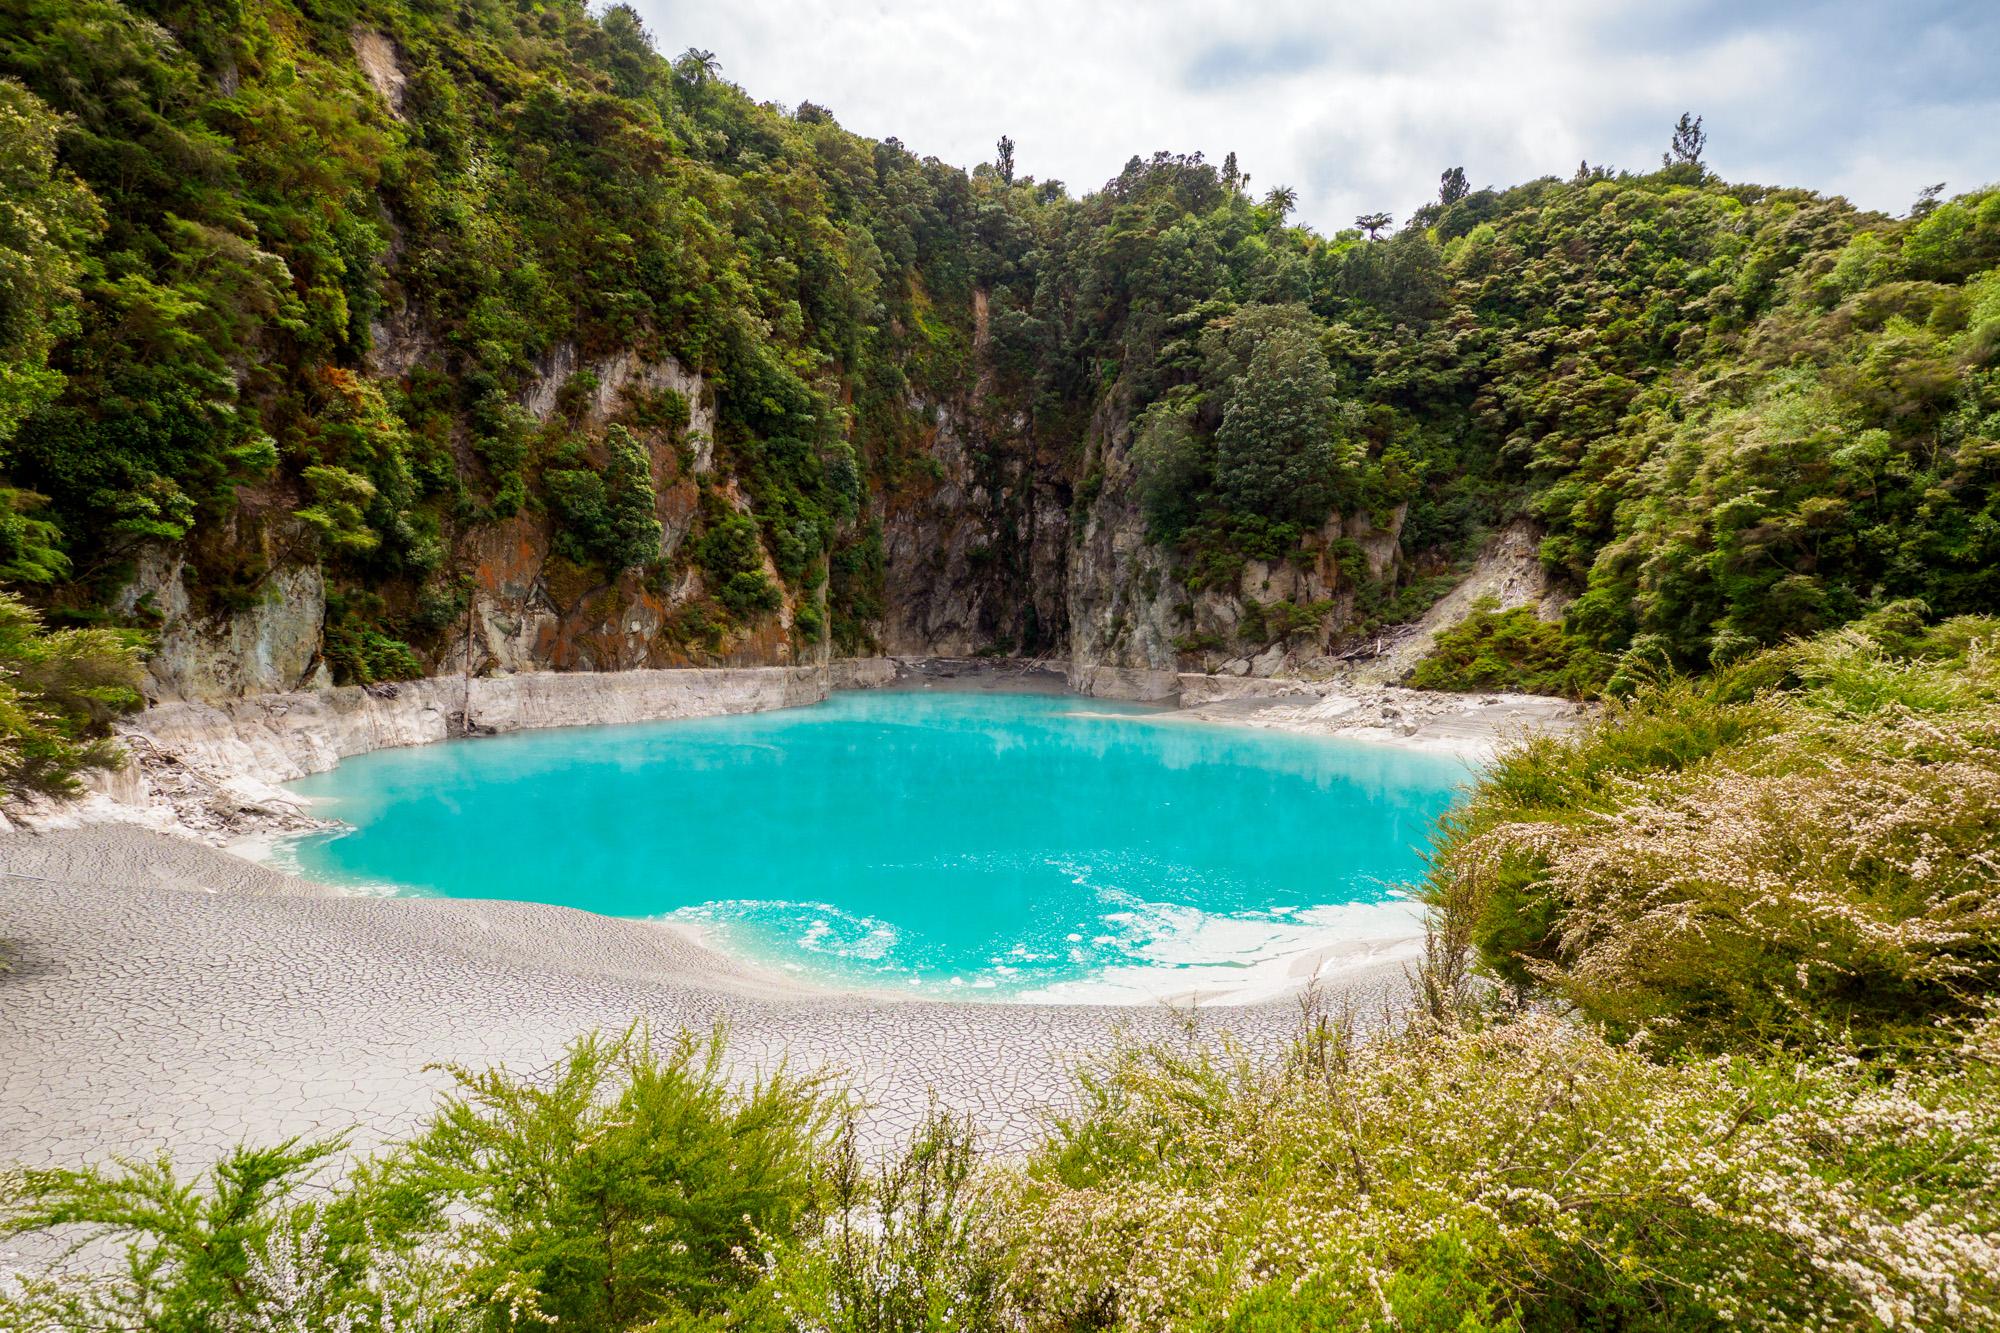 Rotorua und Taupo - Inferno Crater Lake im Waimangu Volcanic and Thermal Valley